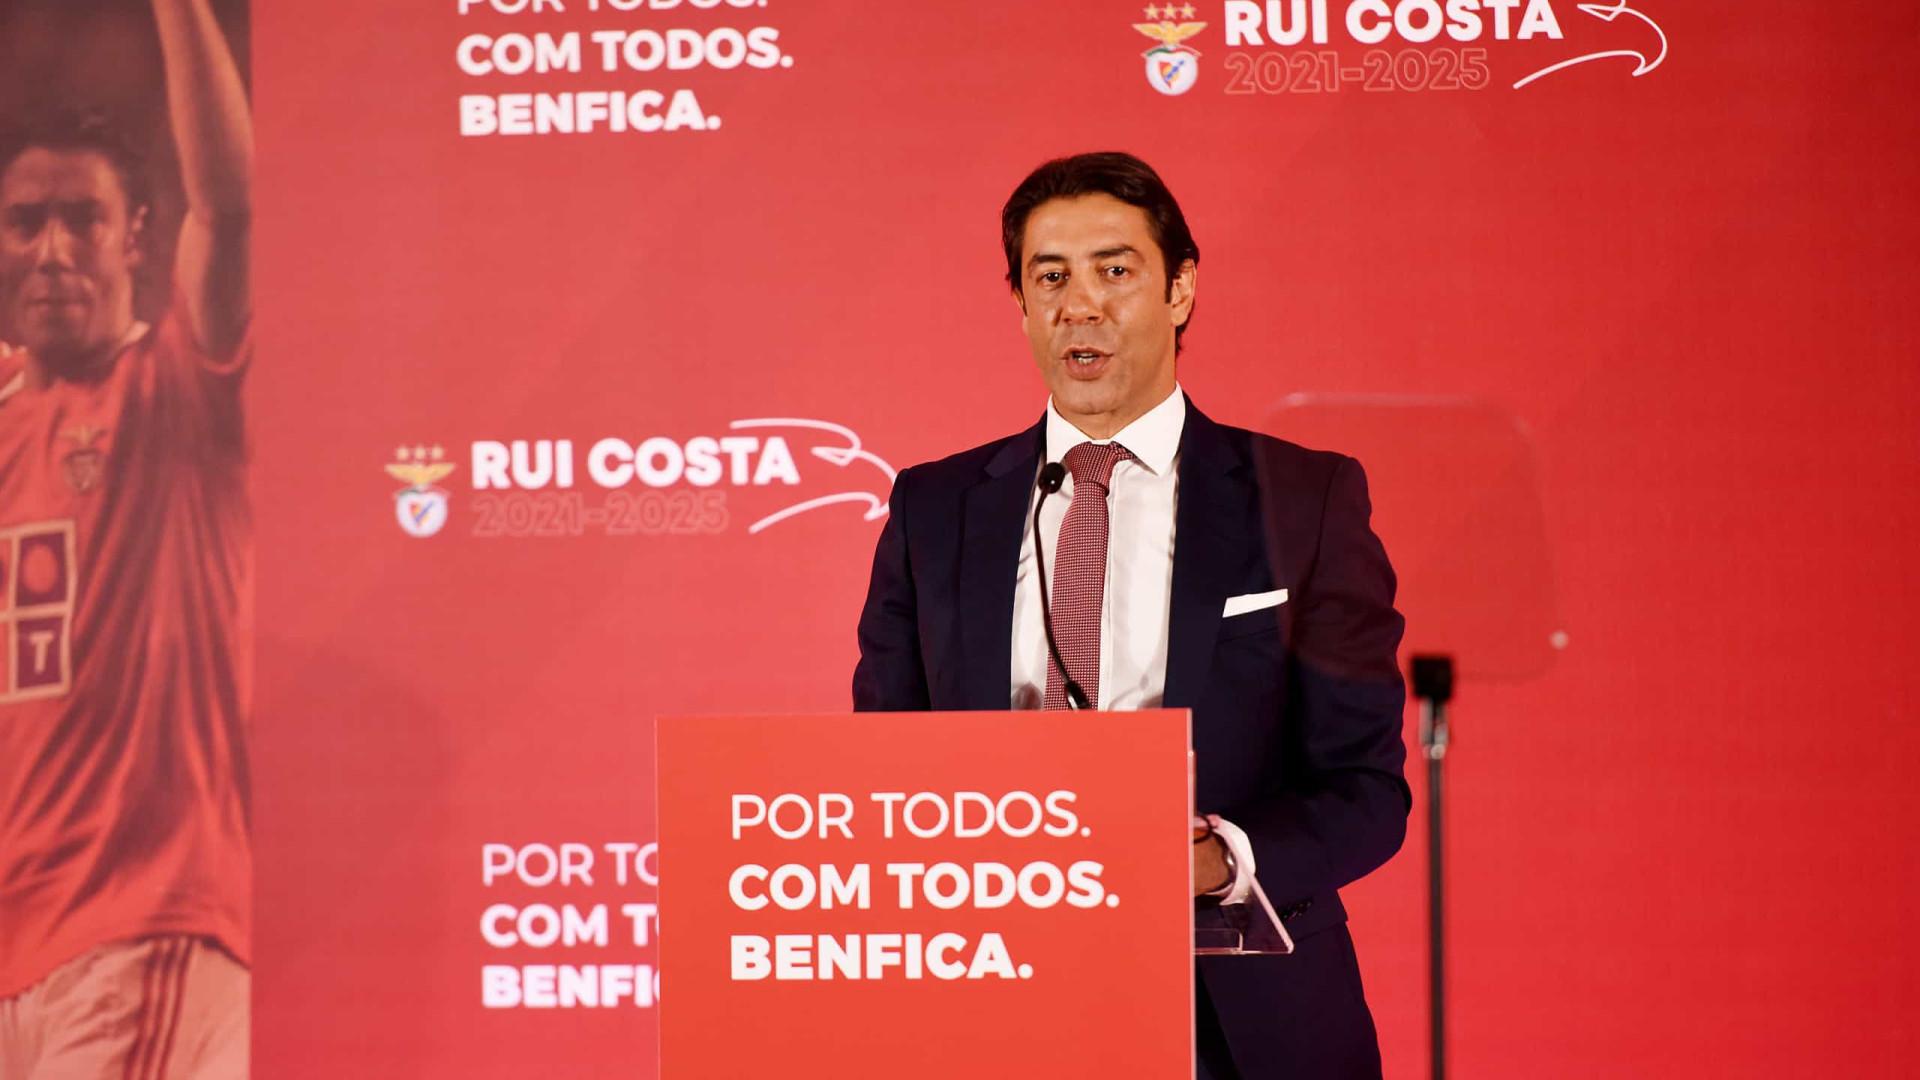 Eleições no Benfica: Rui Costa fará mudanças na lista que está a preparar